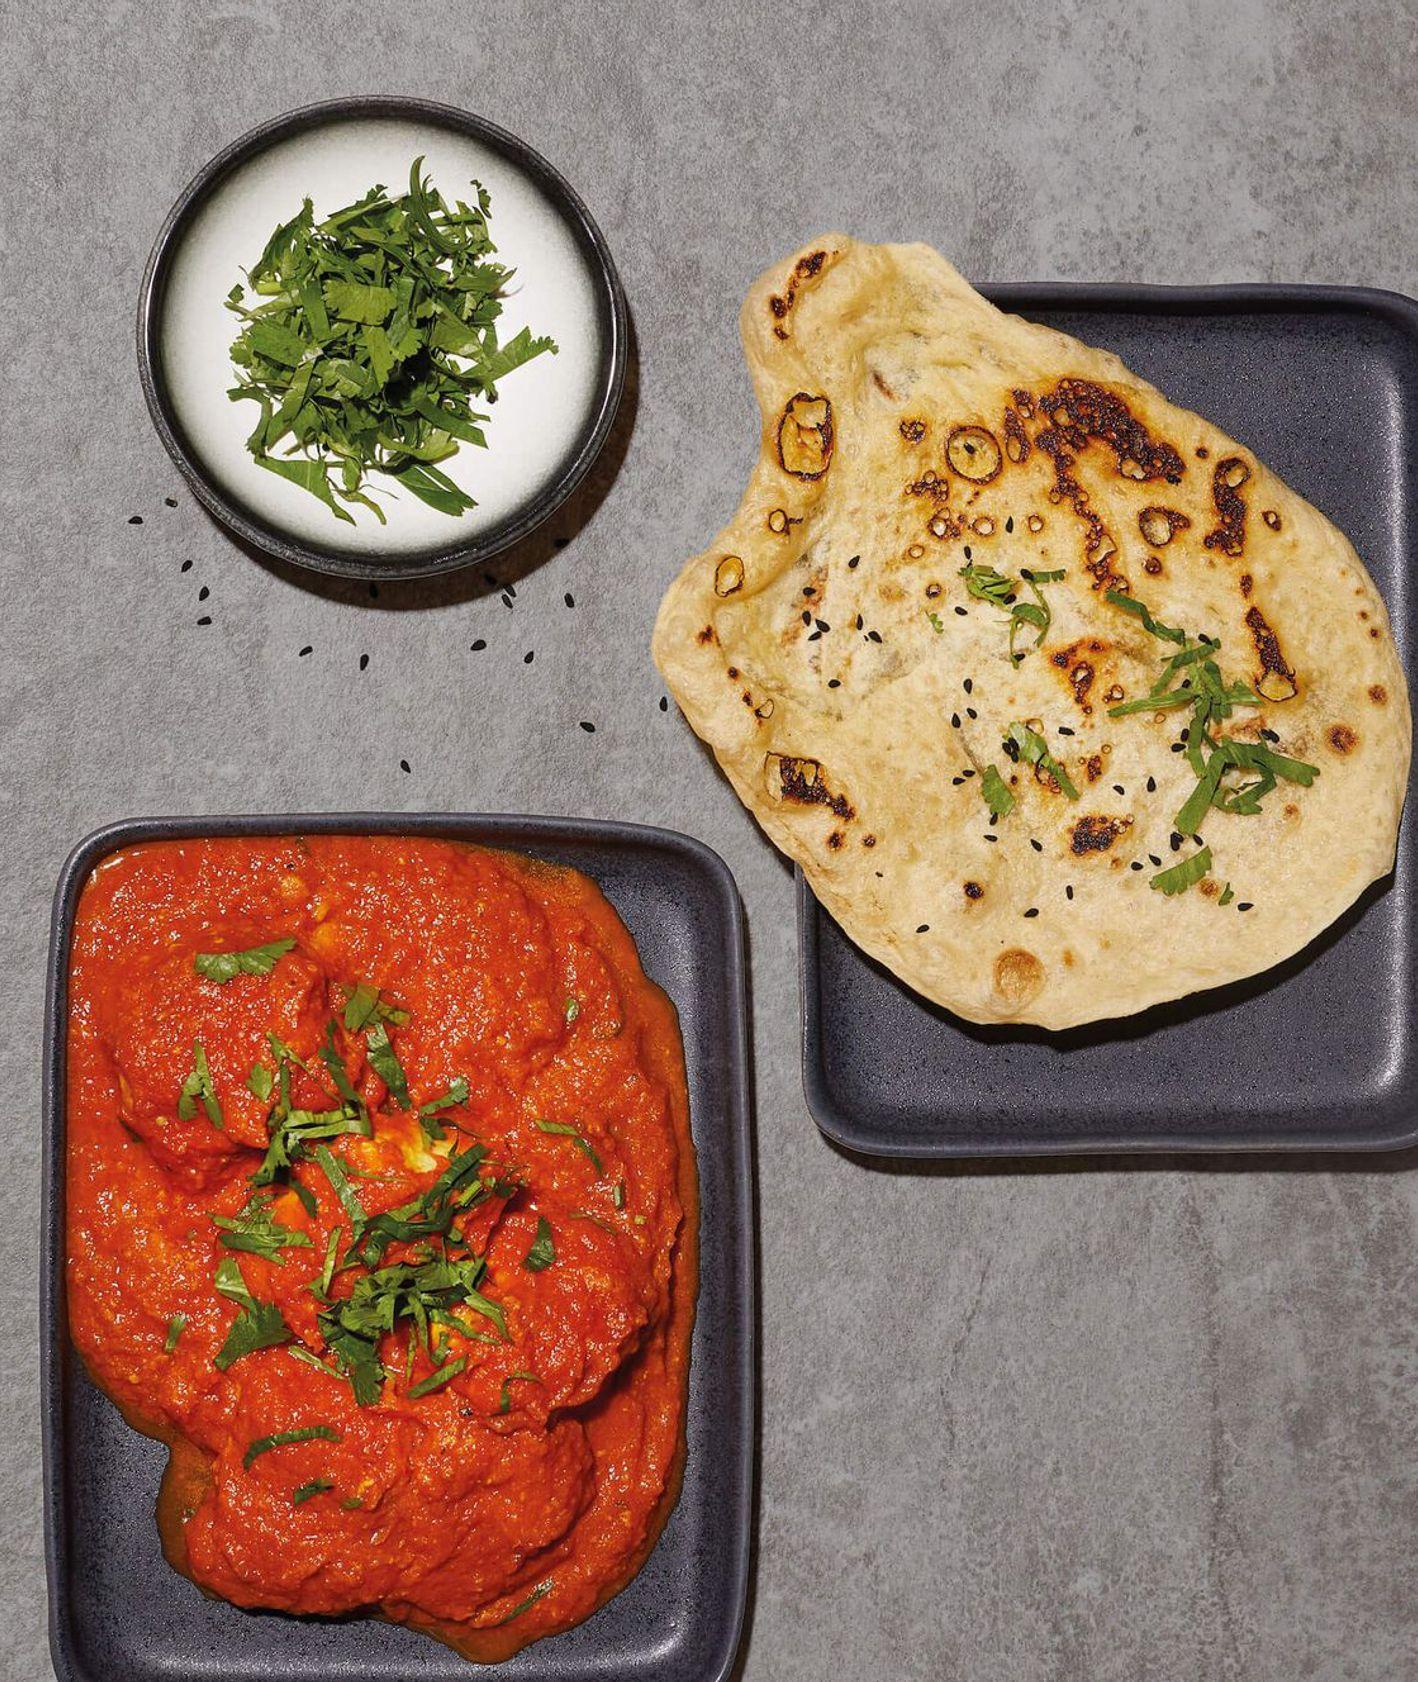 Klasyk kuchni indyjskiej, czyli butter chicken w sosie pomidorowym z chlebkiem naan (fot. Maciek Niemojewski)